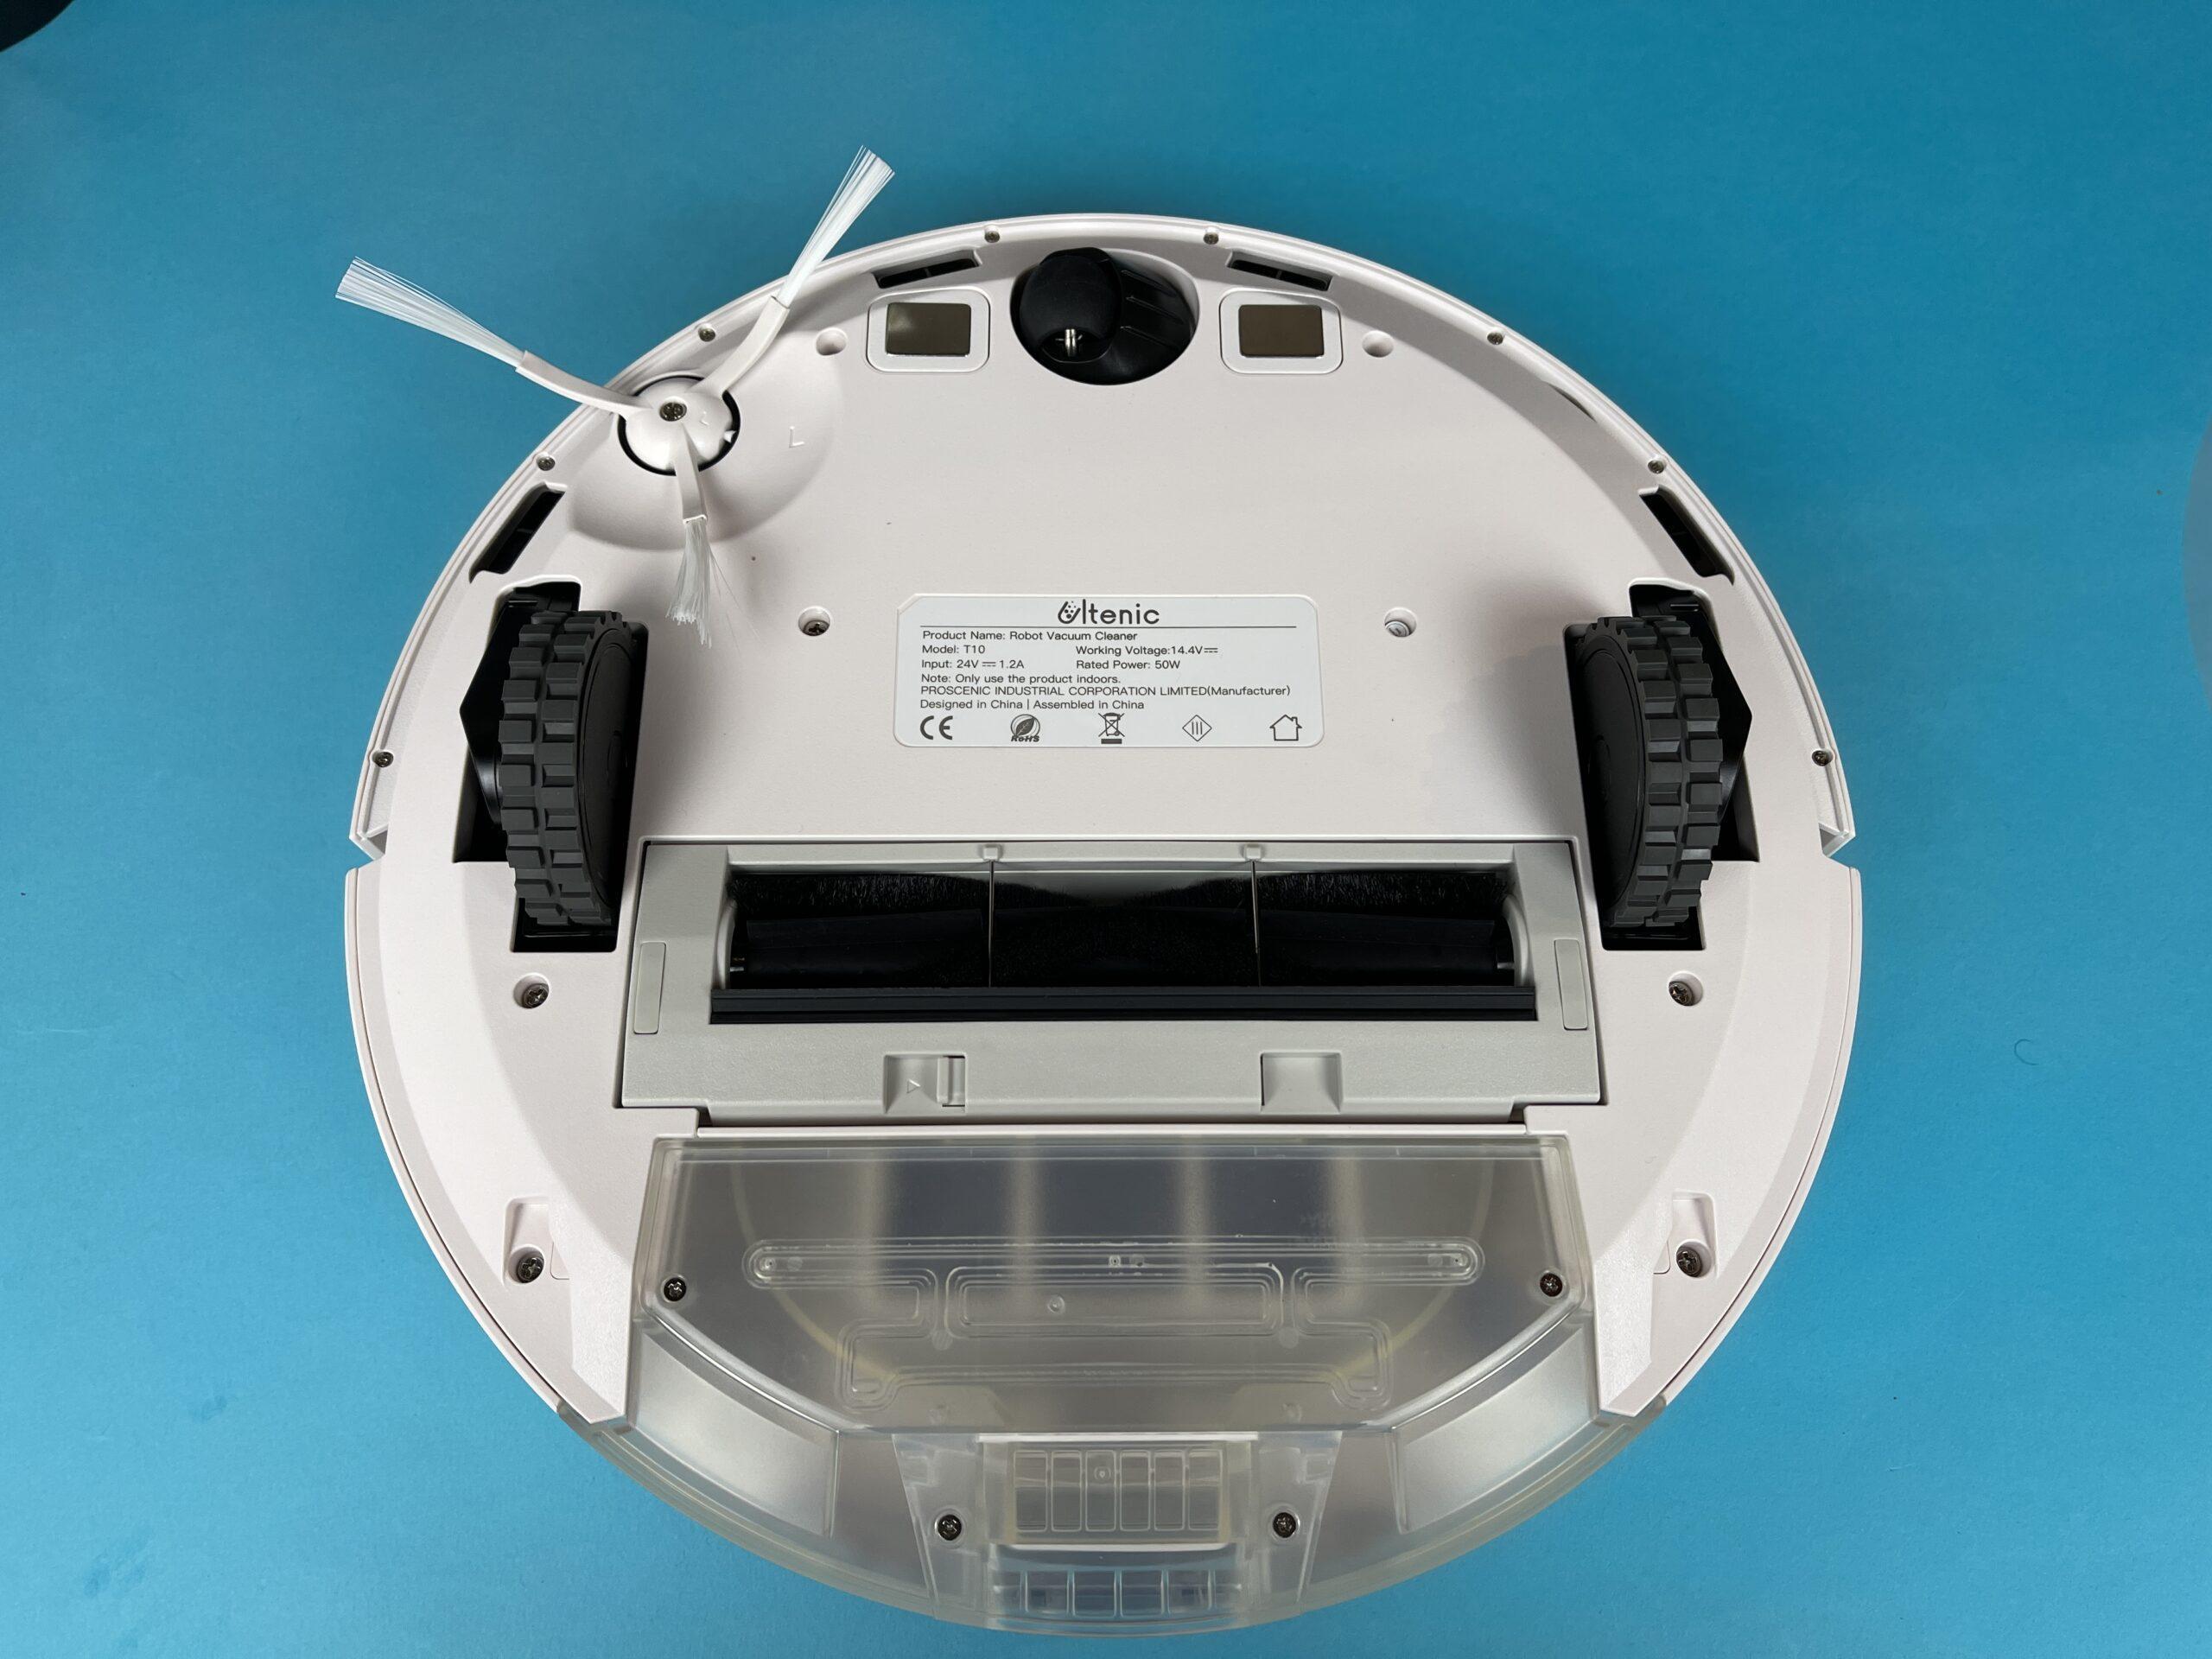 componenti interni e aspirazione Ultenic T10